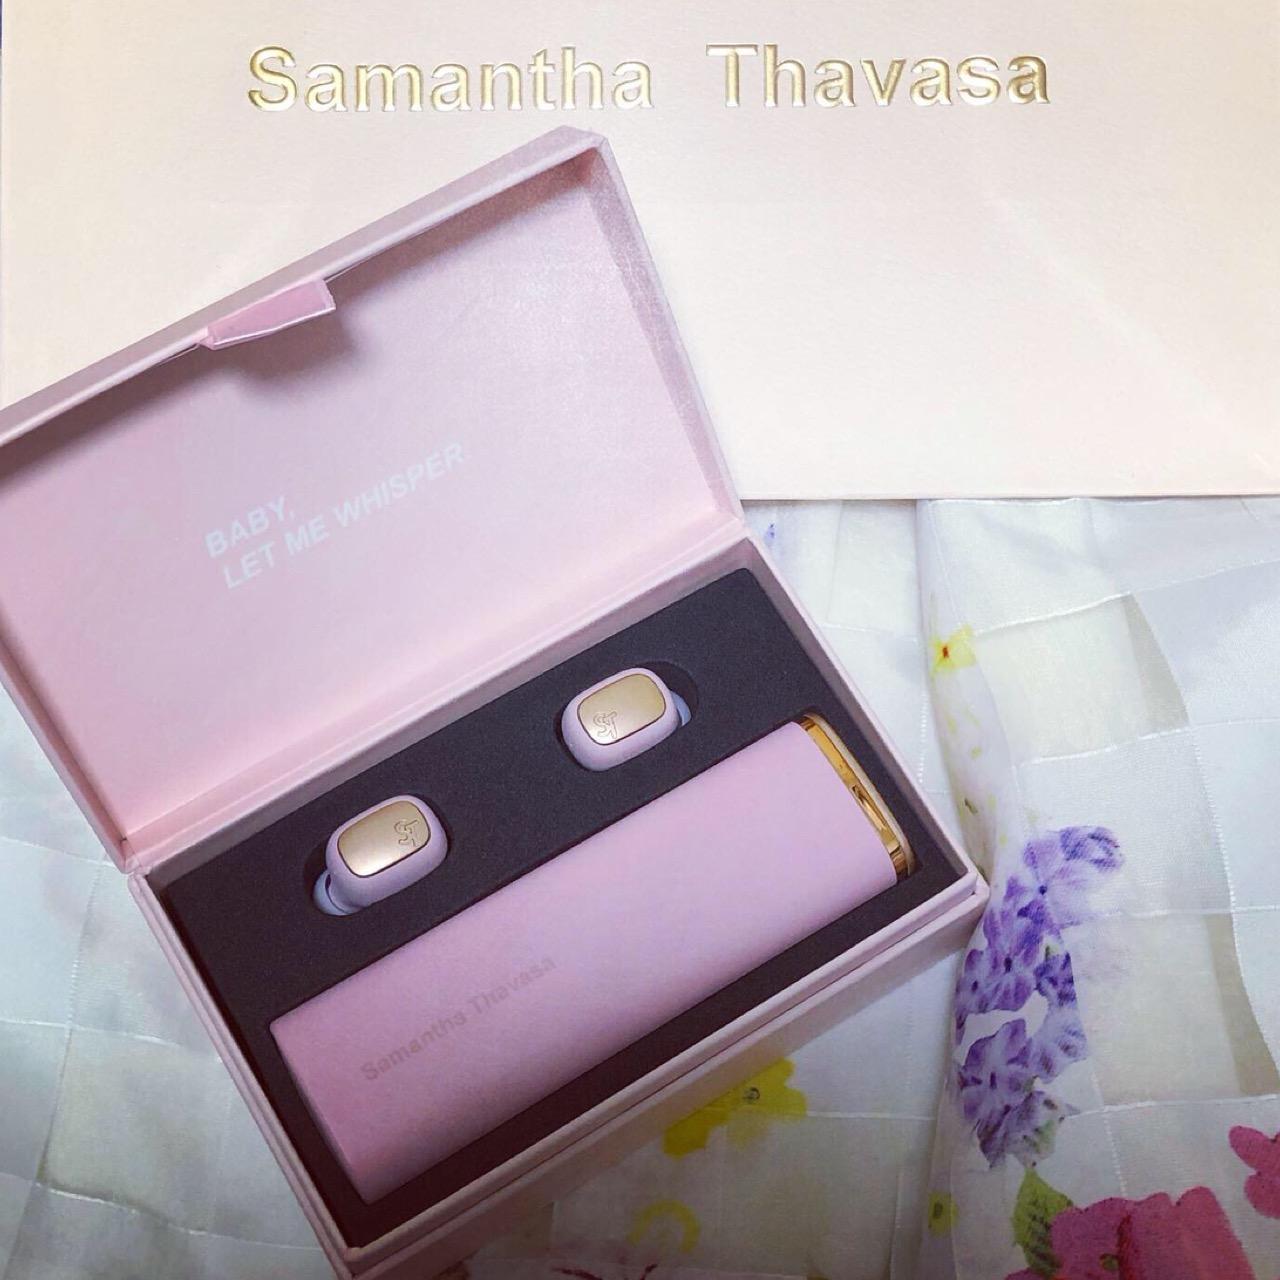 <サマンサタバサ>今年の自分へのご褒美に♡サマンサワイヤレスイヤホンが最高すぎる!_1